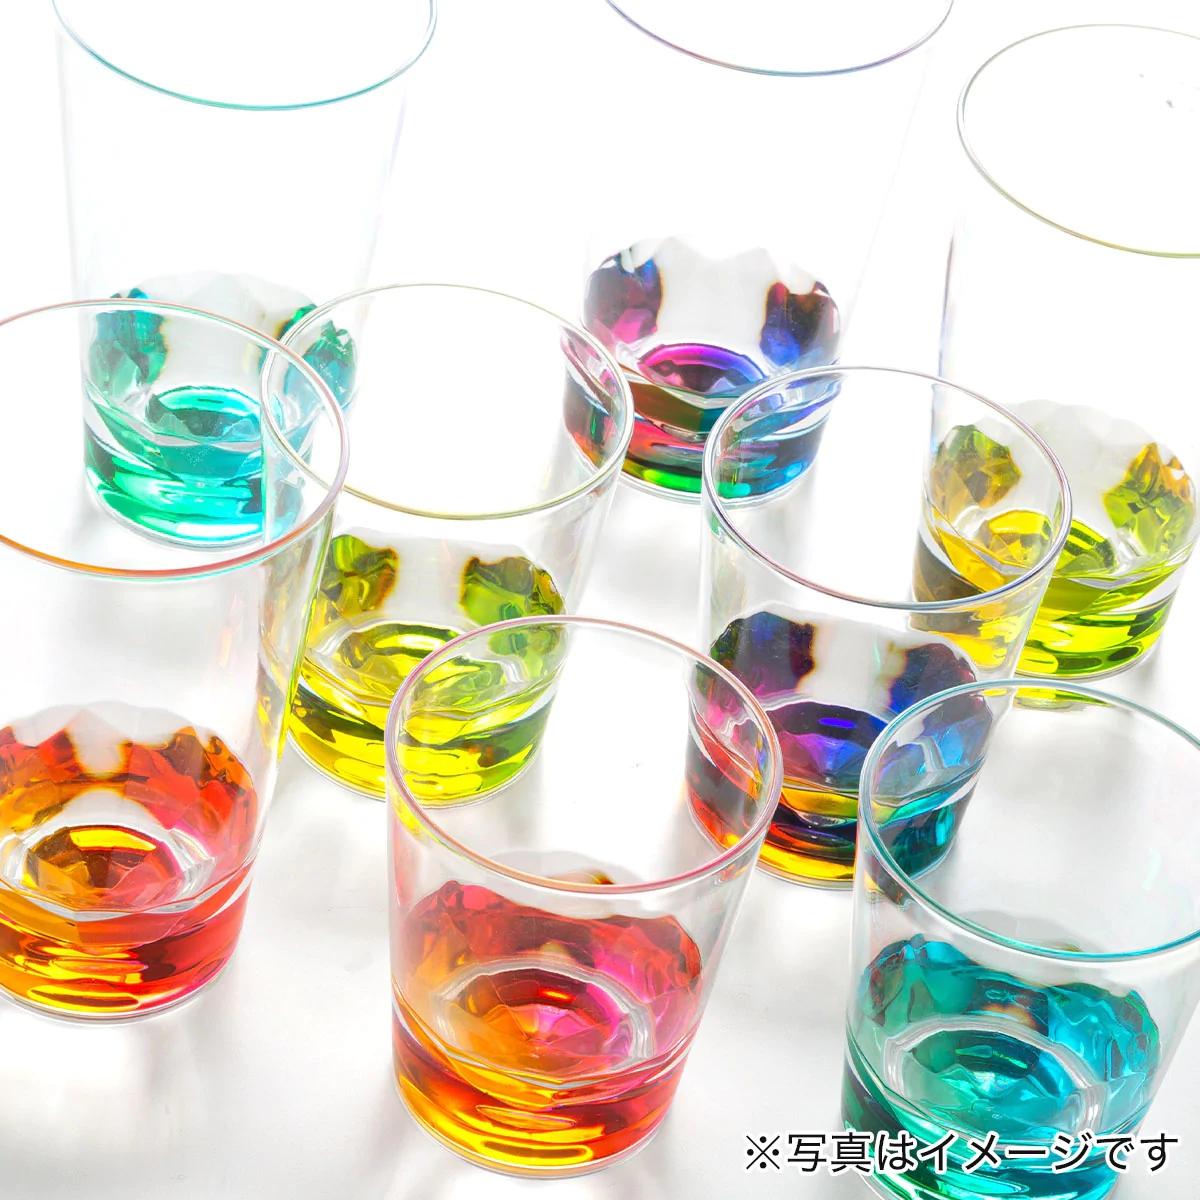 NITORI(ニトリ) MSタンブラー レインボーの商品画像8